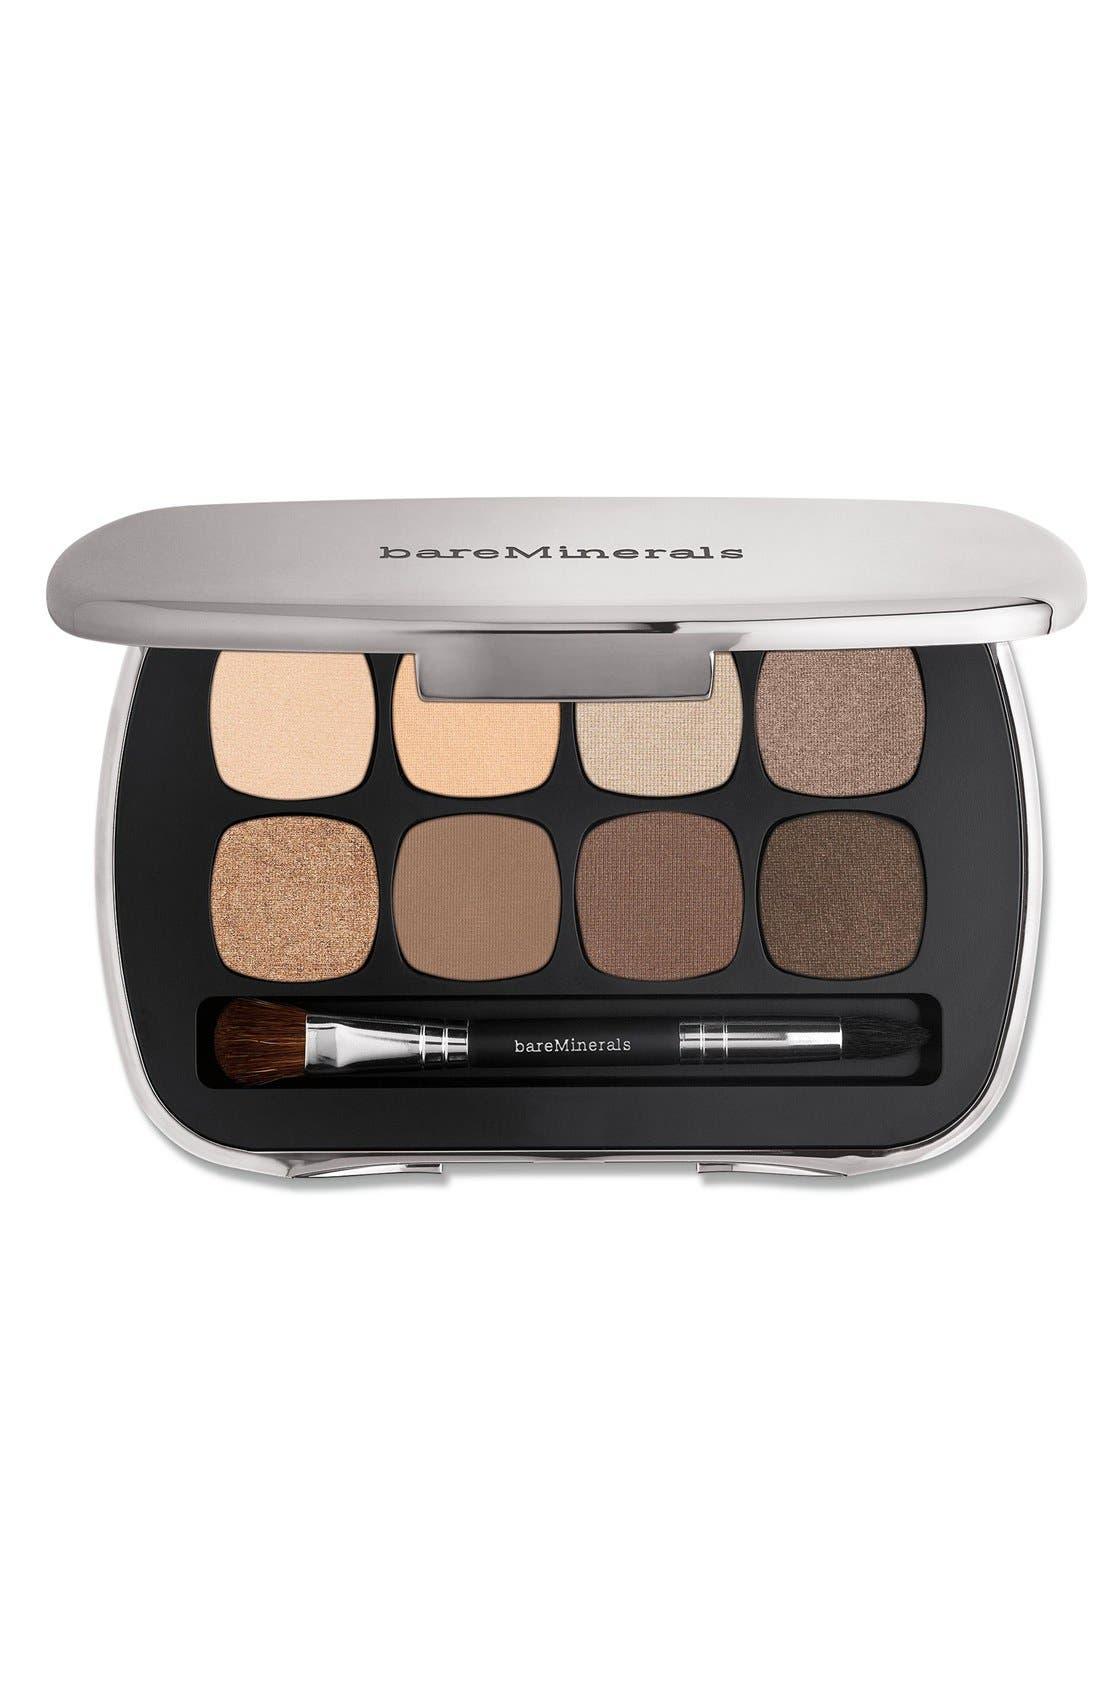 bareMinerals® READY 8.0 The Bare Neutrals Eyeshadow Palette